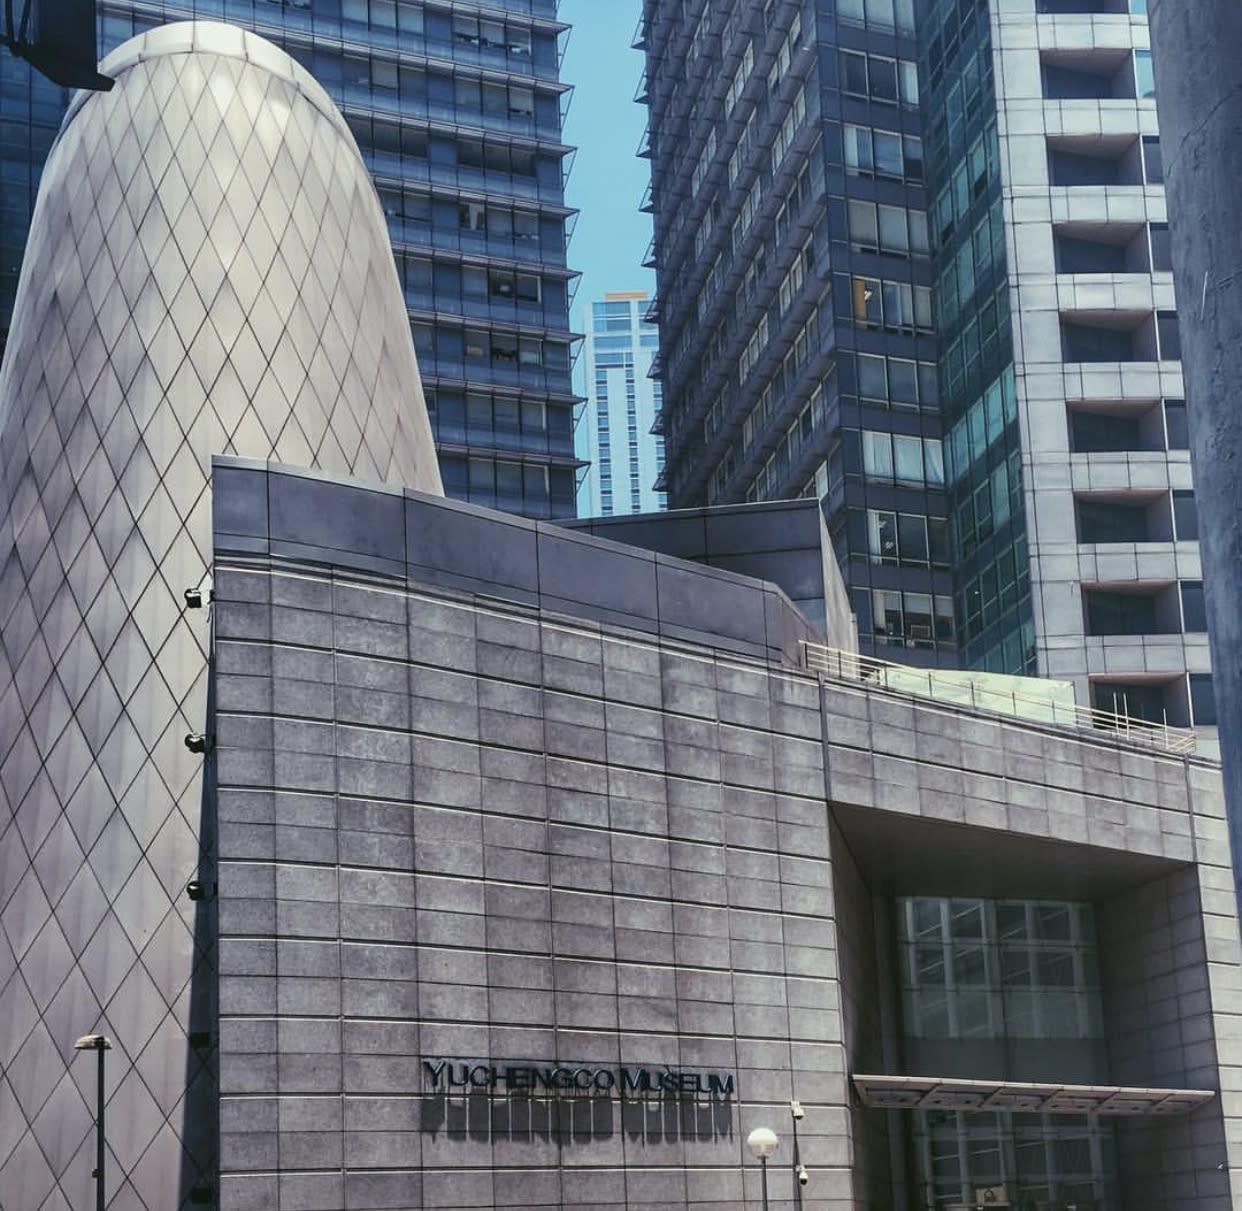 manila museums yuchengco